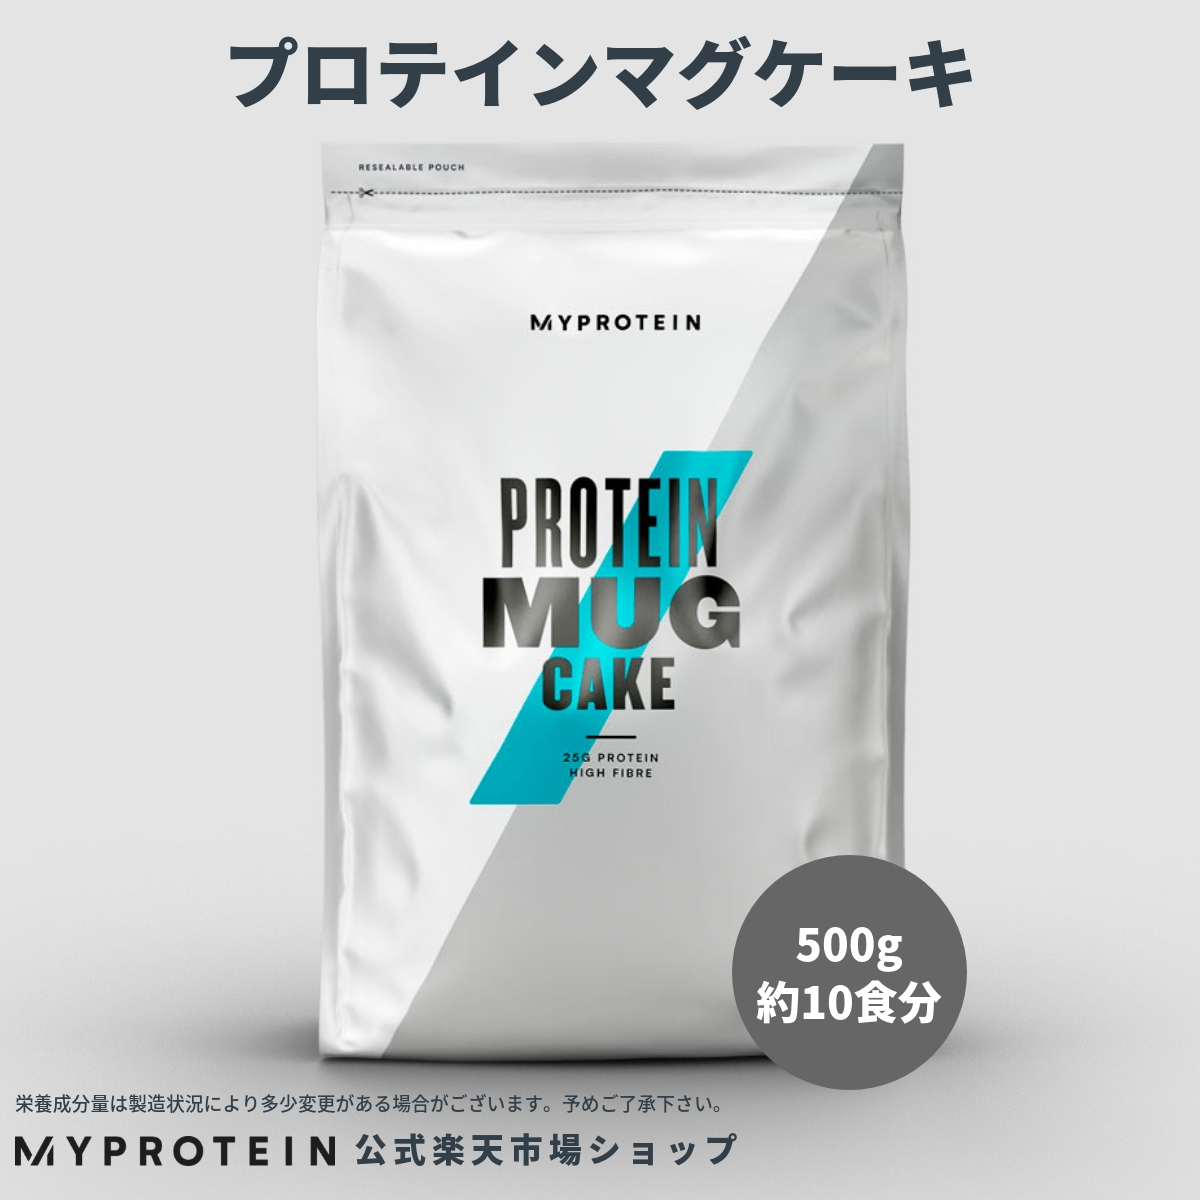 マイプロテイン 公式 【MyProtein】 プロテイン マグケーキ ミックス 500g 約10食分| プロテインバー プロテインスナック ケーキ マグカップケーキ 電子レンジ チョコ キャラメル